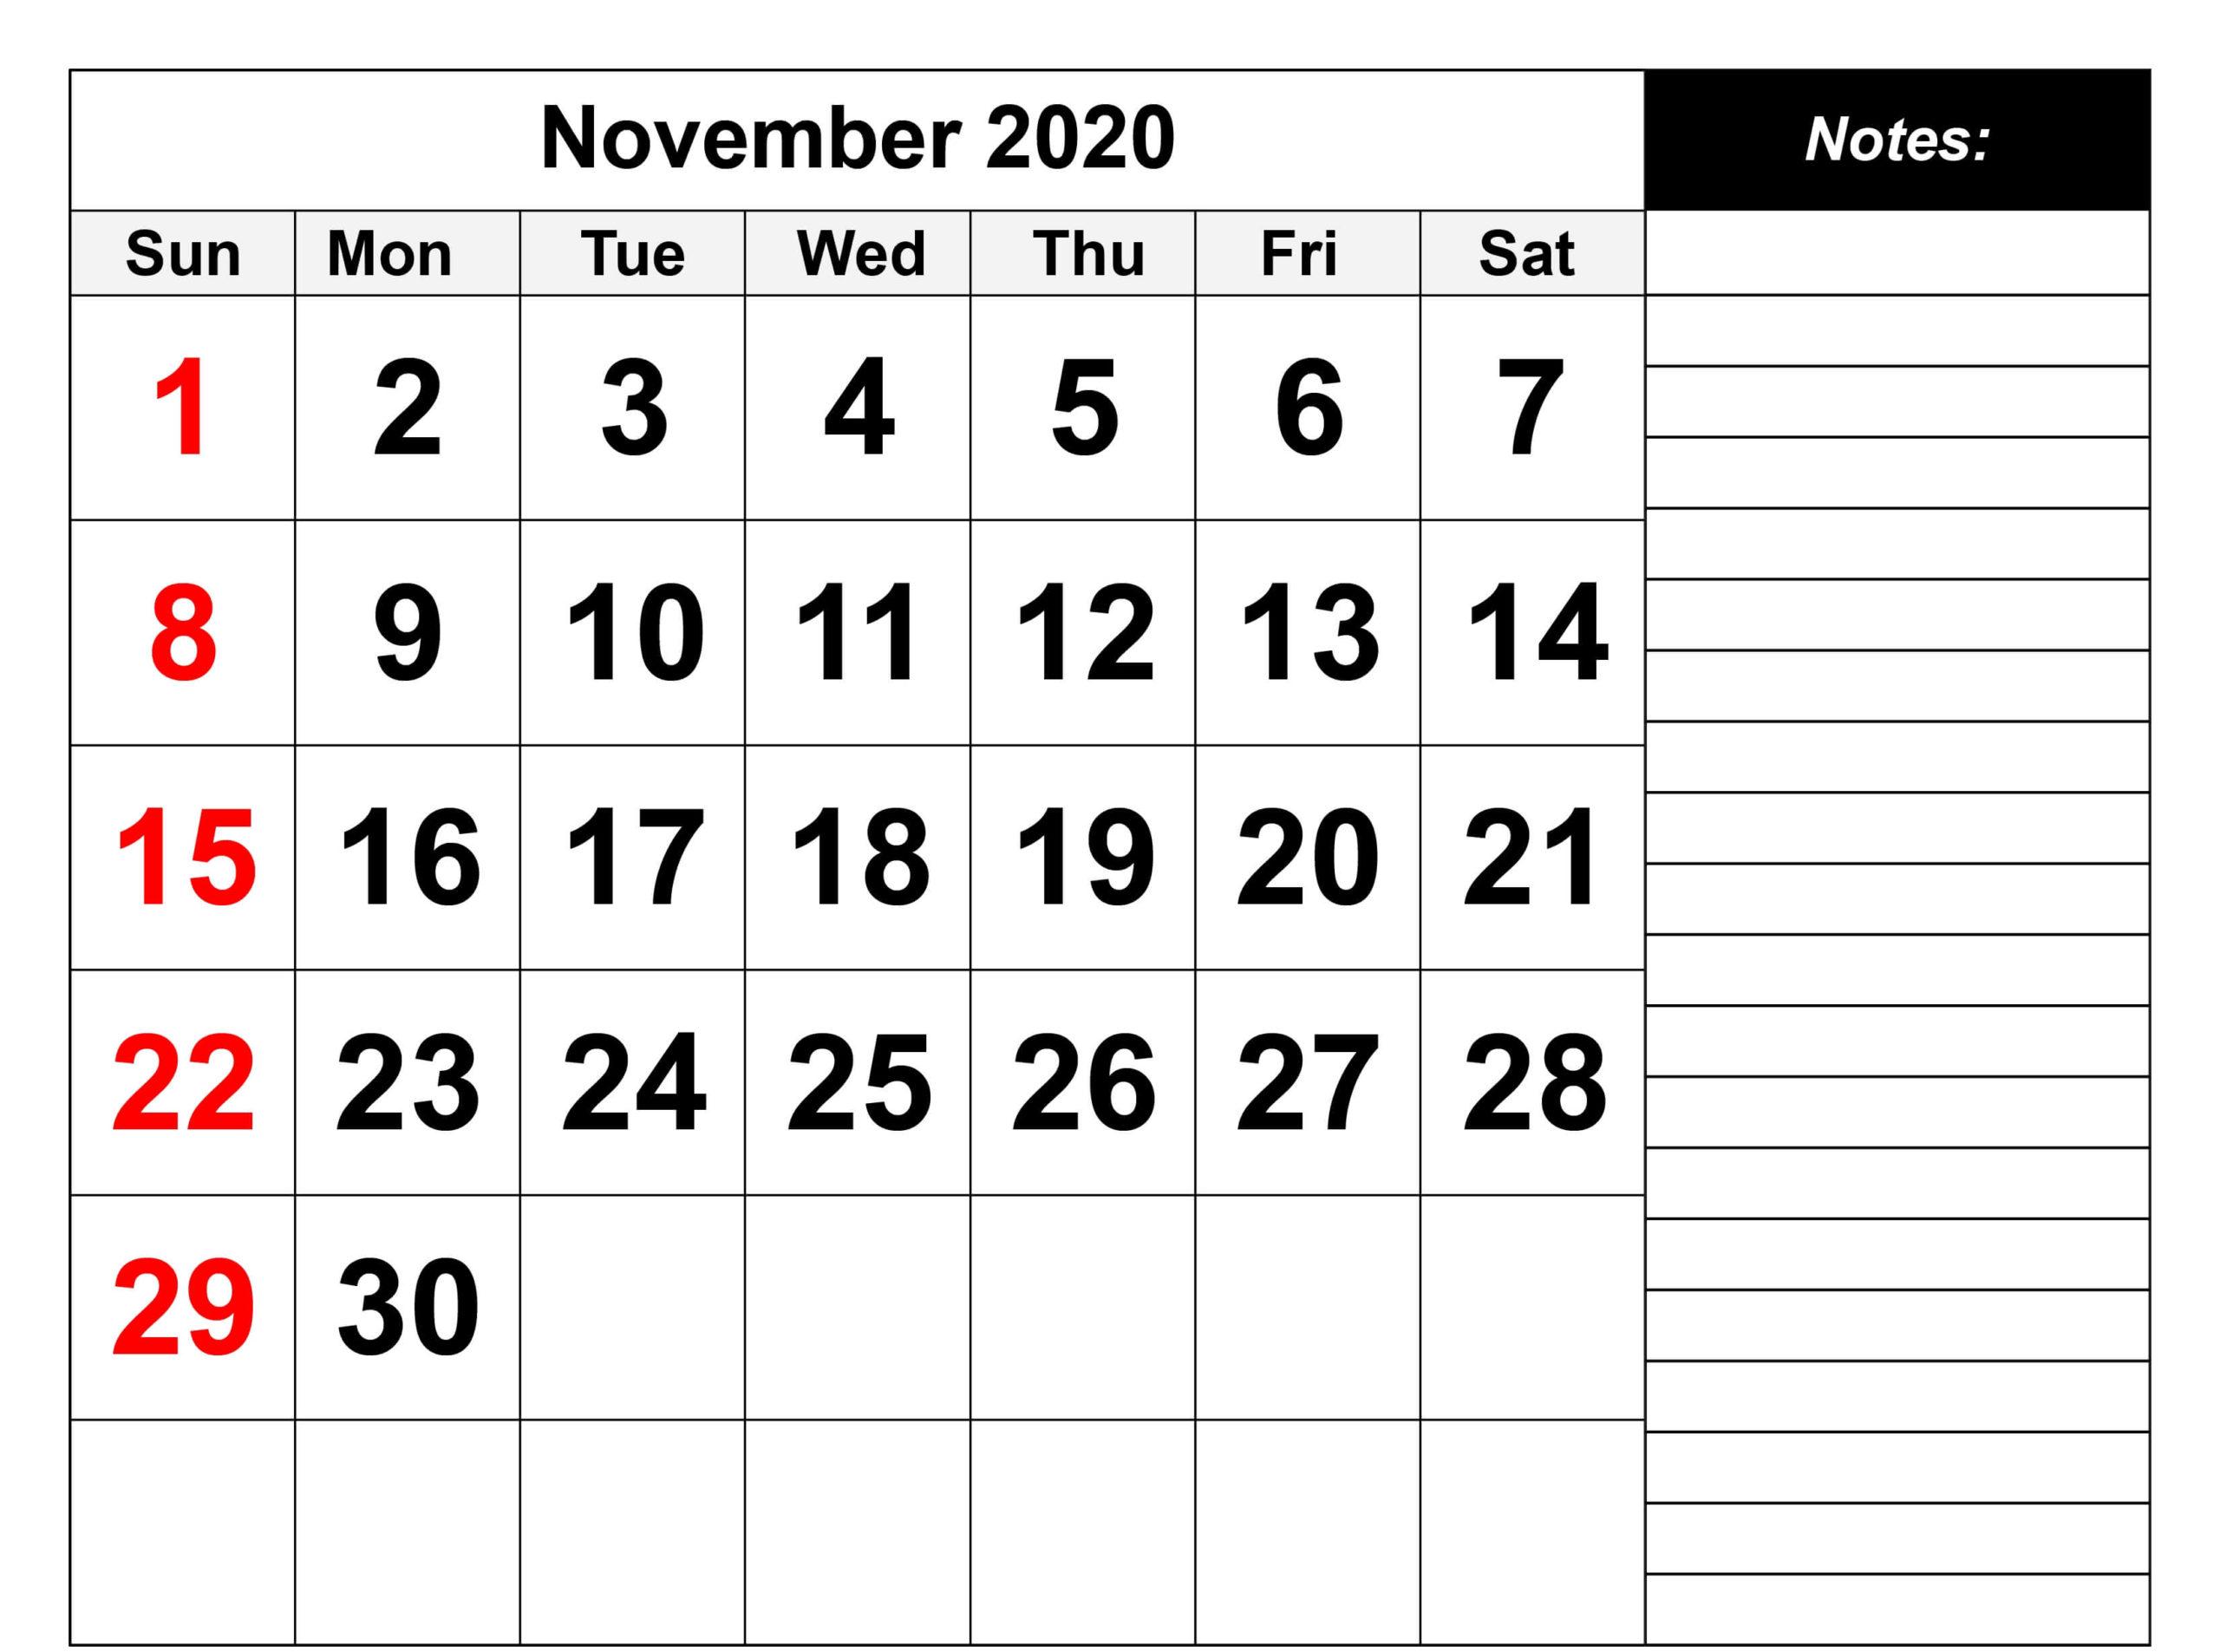 Editable November 2020 Calendar with Notes